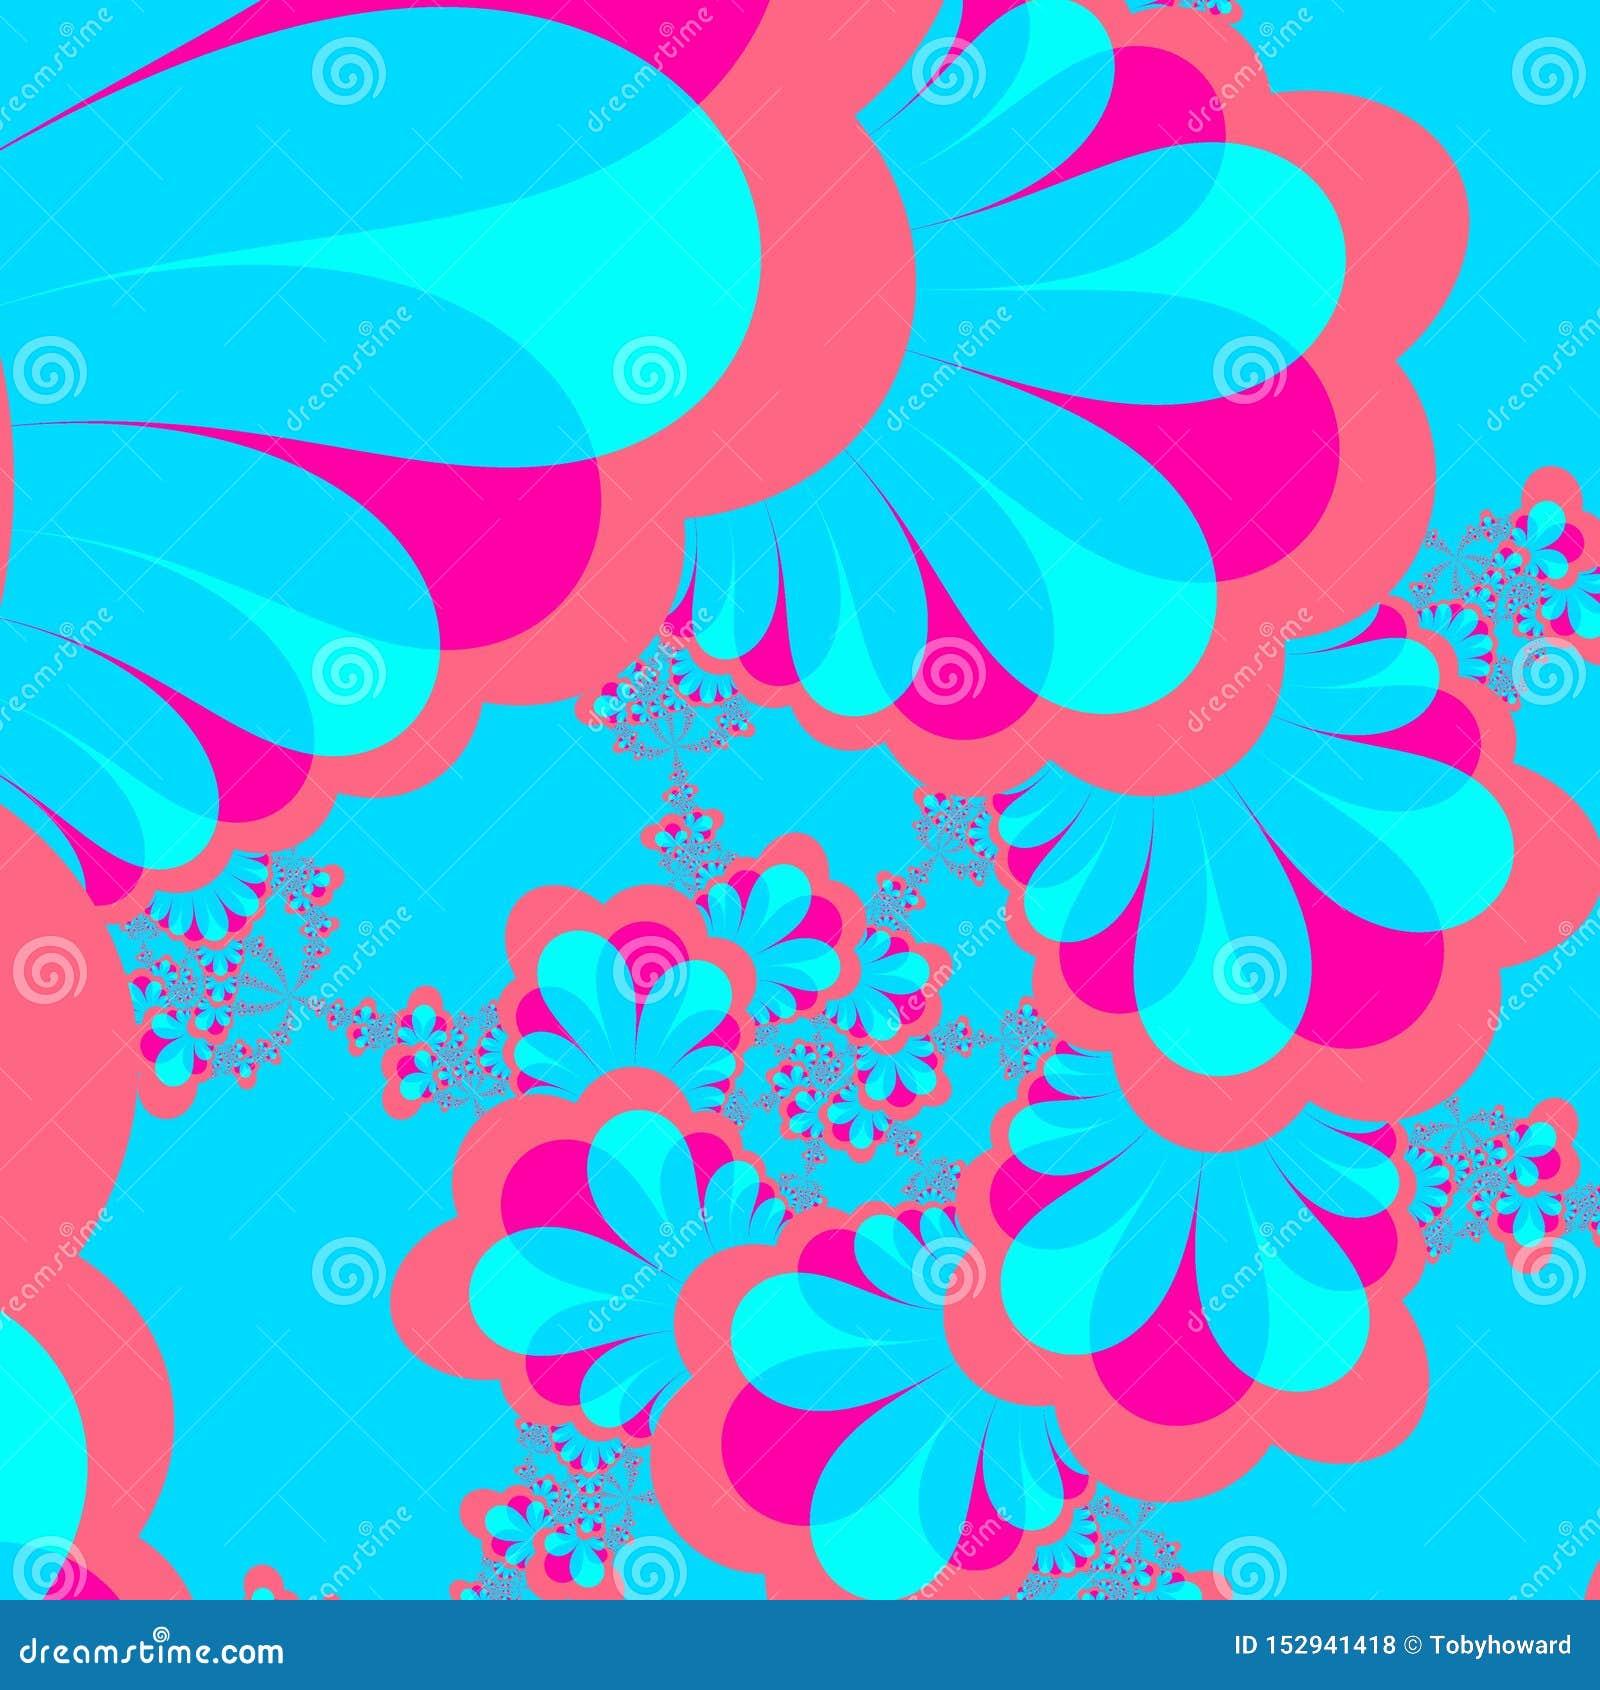 Uma imagem criada usando a computação gráfica, uma imagem de um objeto matemático chamou um fractal